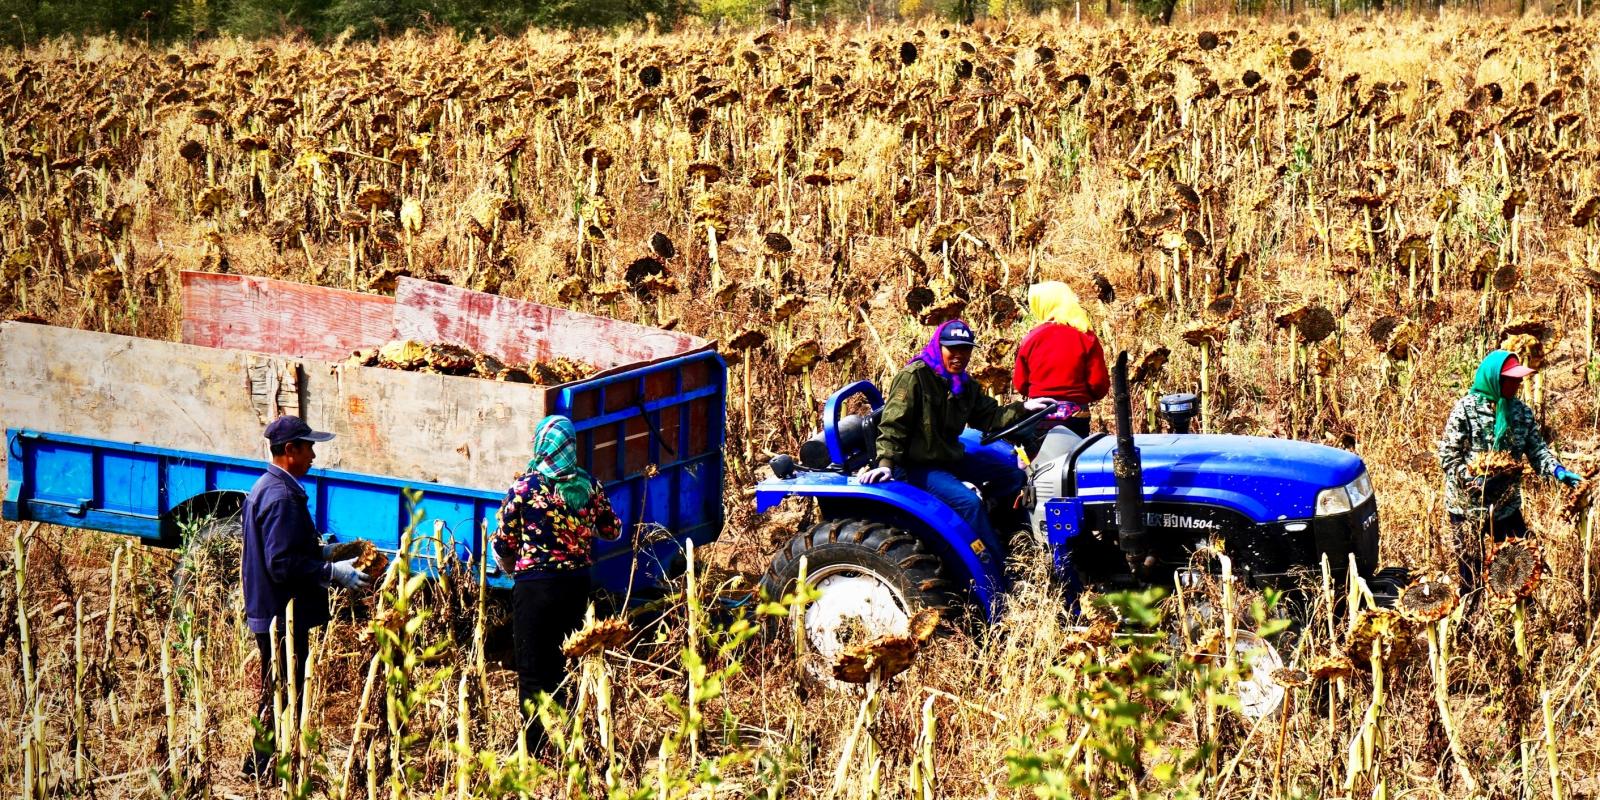 ई-मंडीः भारत की स्थानीय कृषि मंडी को ऑनलाइन लाना